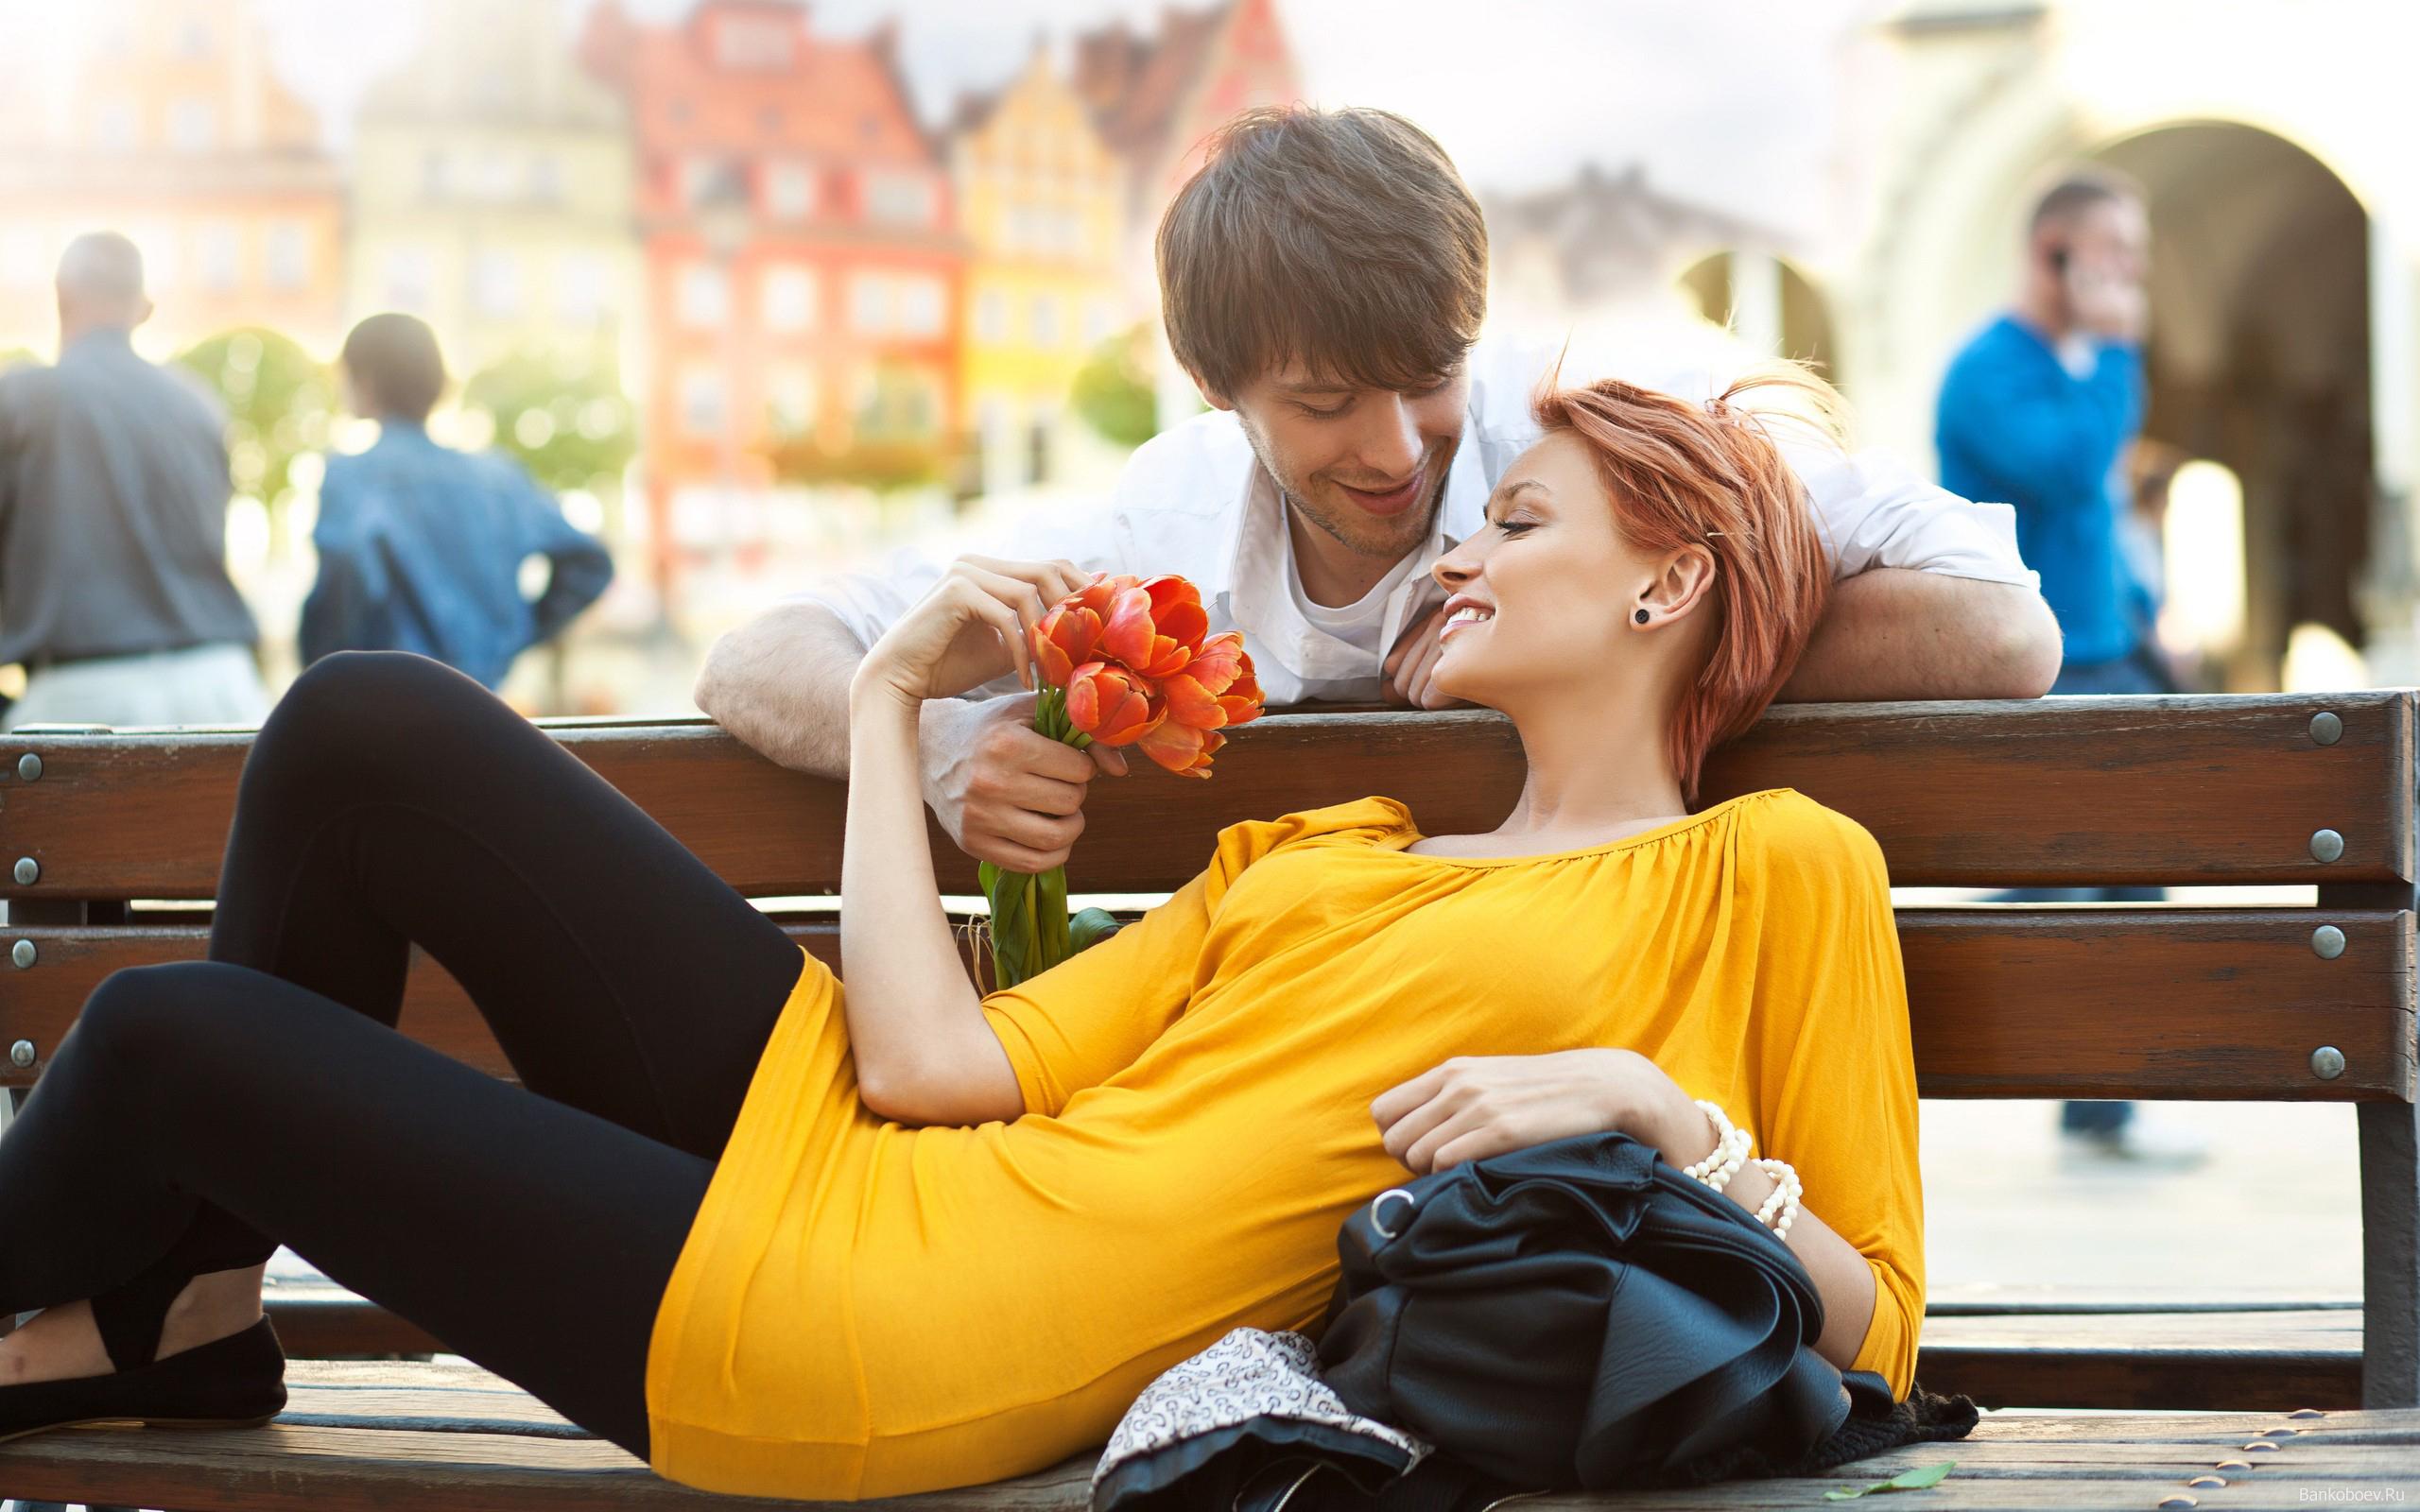 Санкт петербург семейная пара познакомится 23 фотография